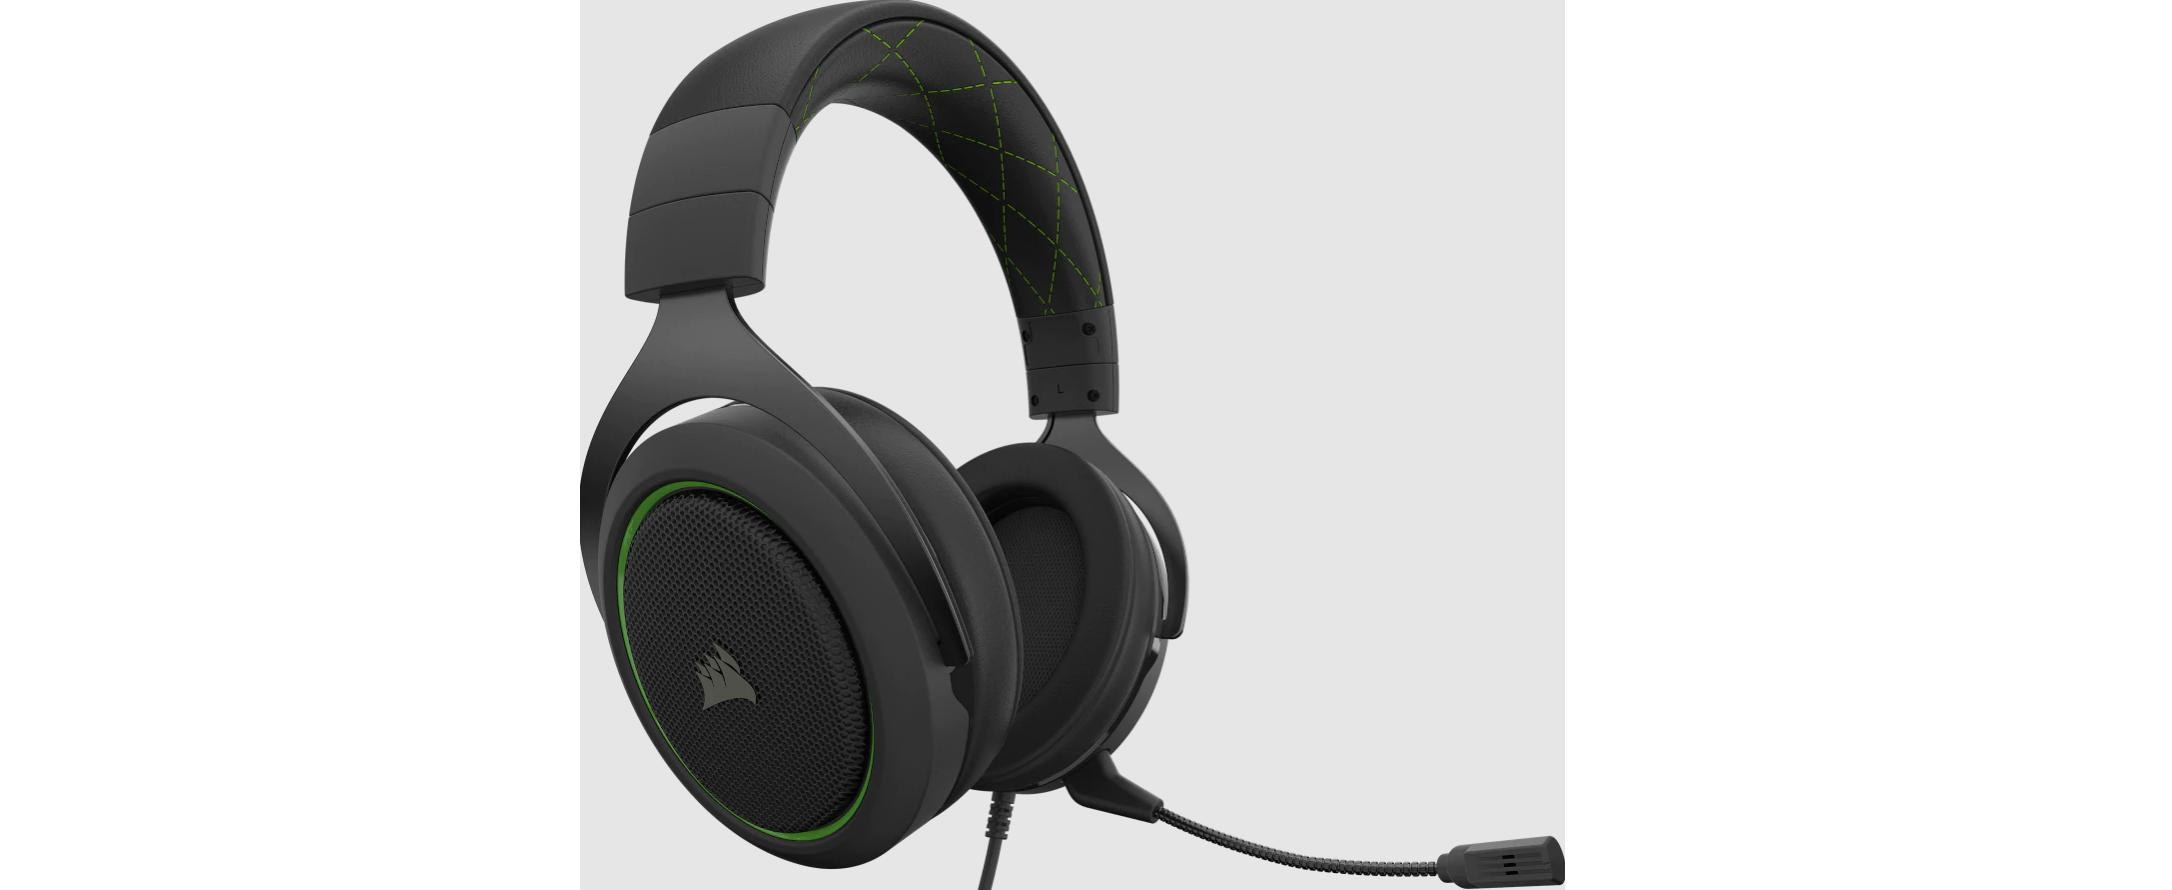 Tai nghe Gaming Corsair HS50 PRO Stereo Green trang bị màng loa cao cấp